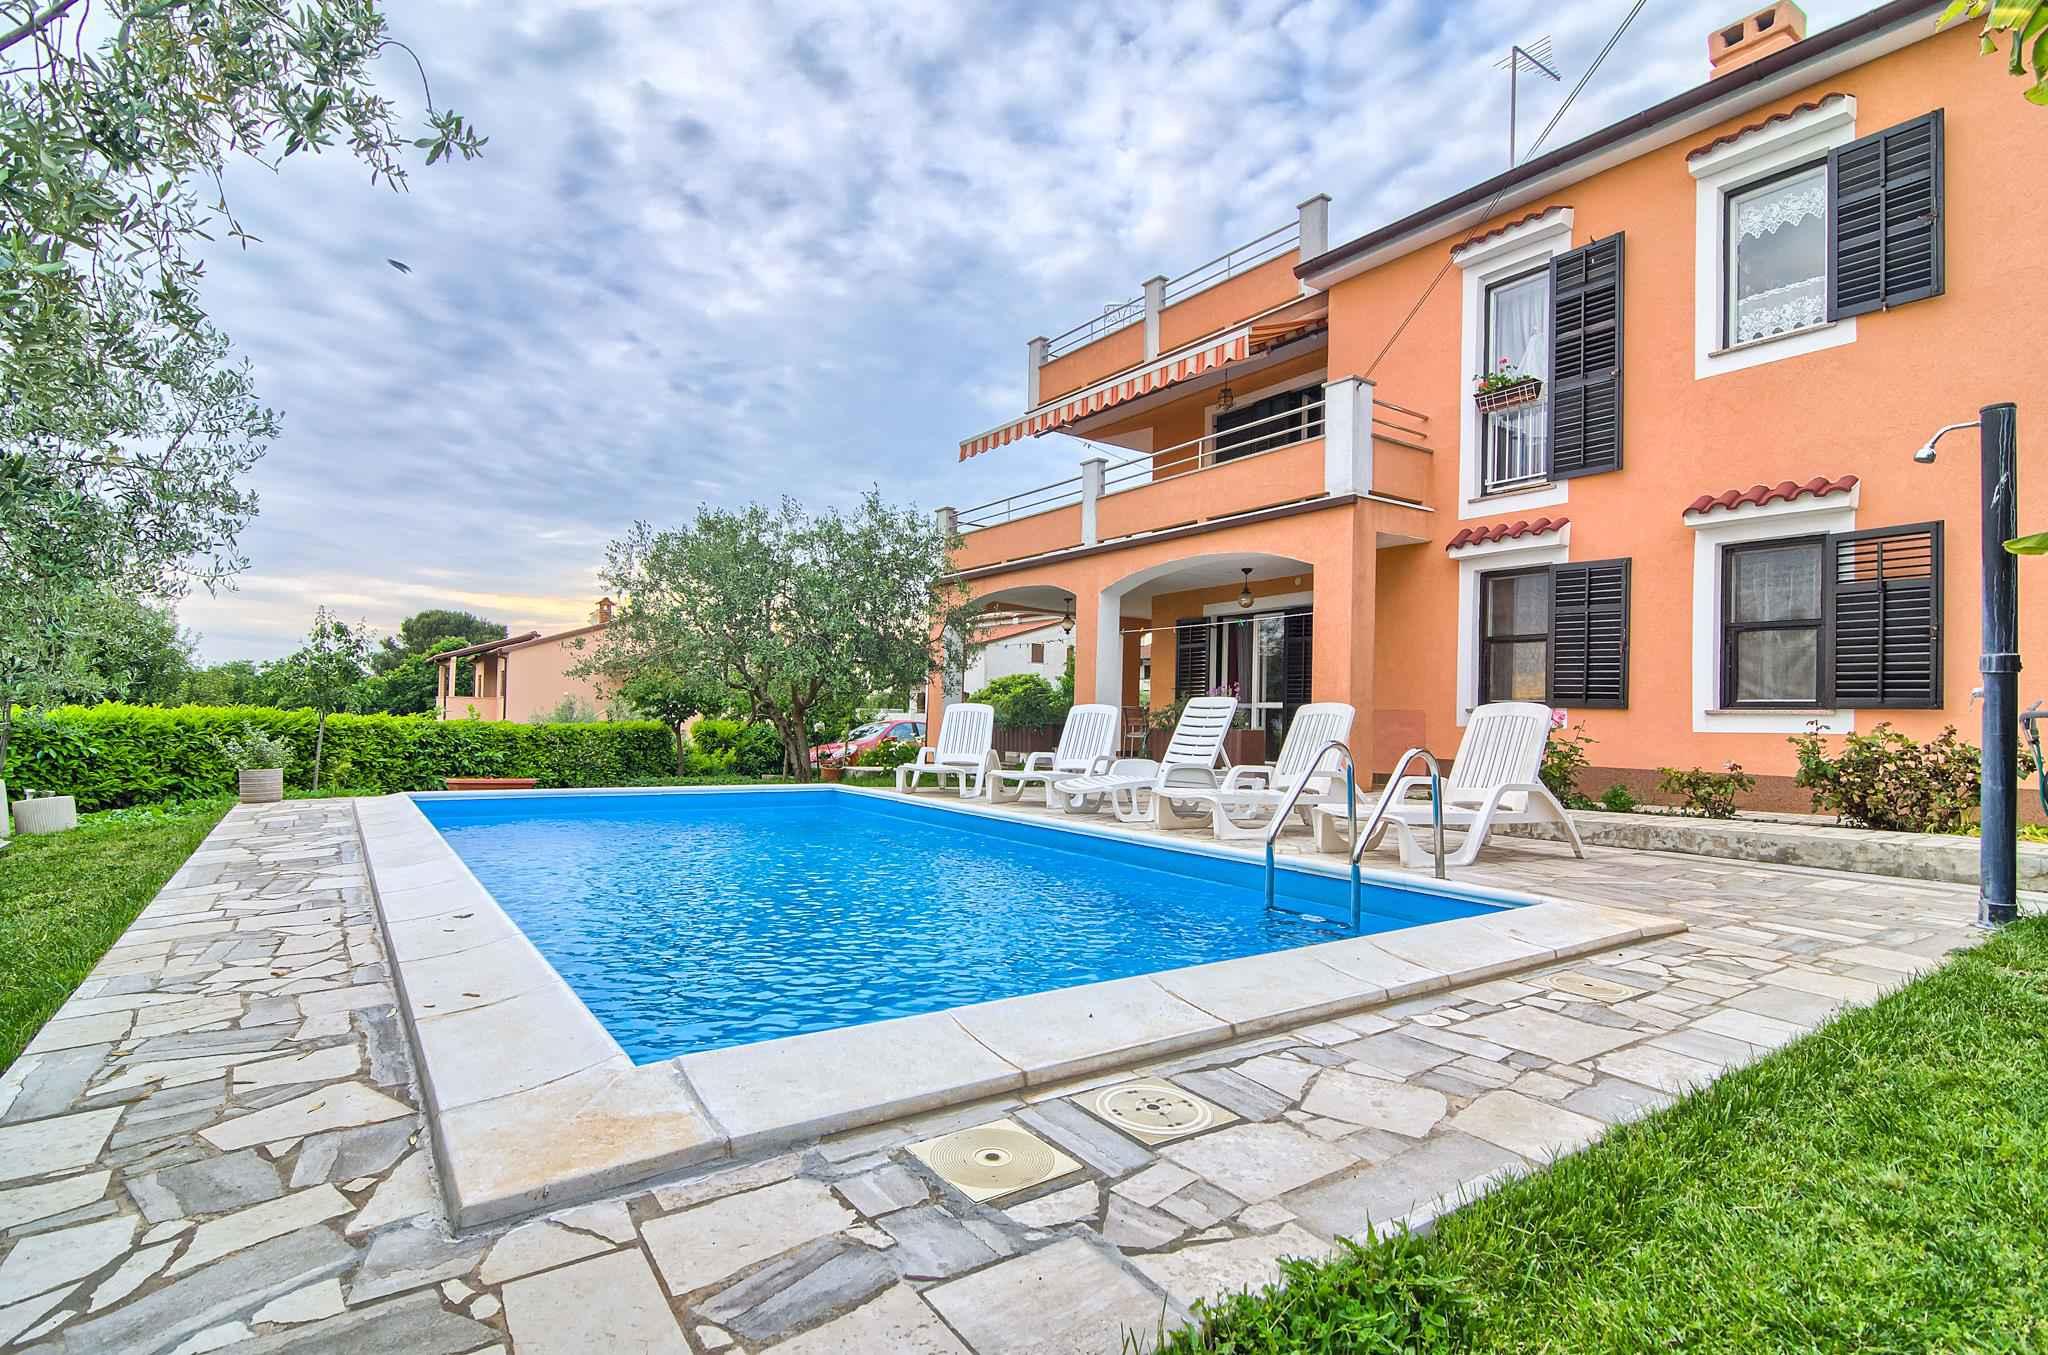 Ferienwohnung mit Pool und 32 qm Terrasse (280631), Pula, , Istrien, Kroatien, Bild 3